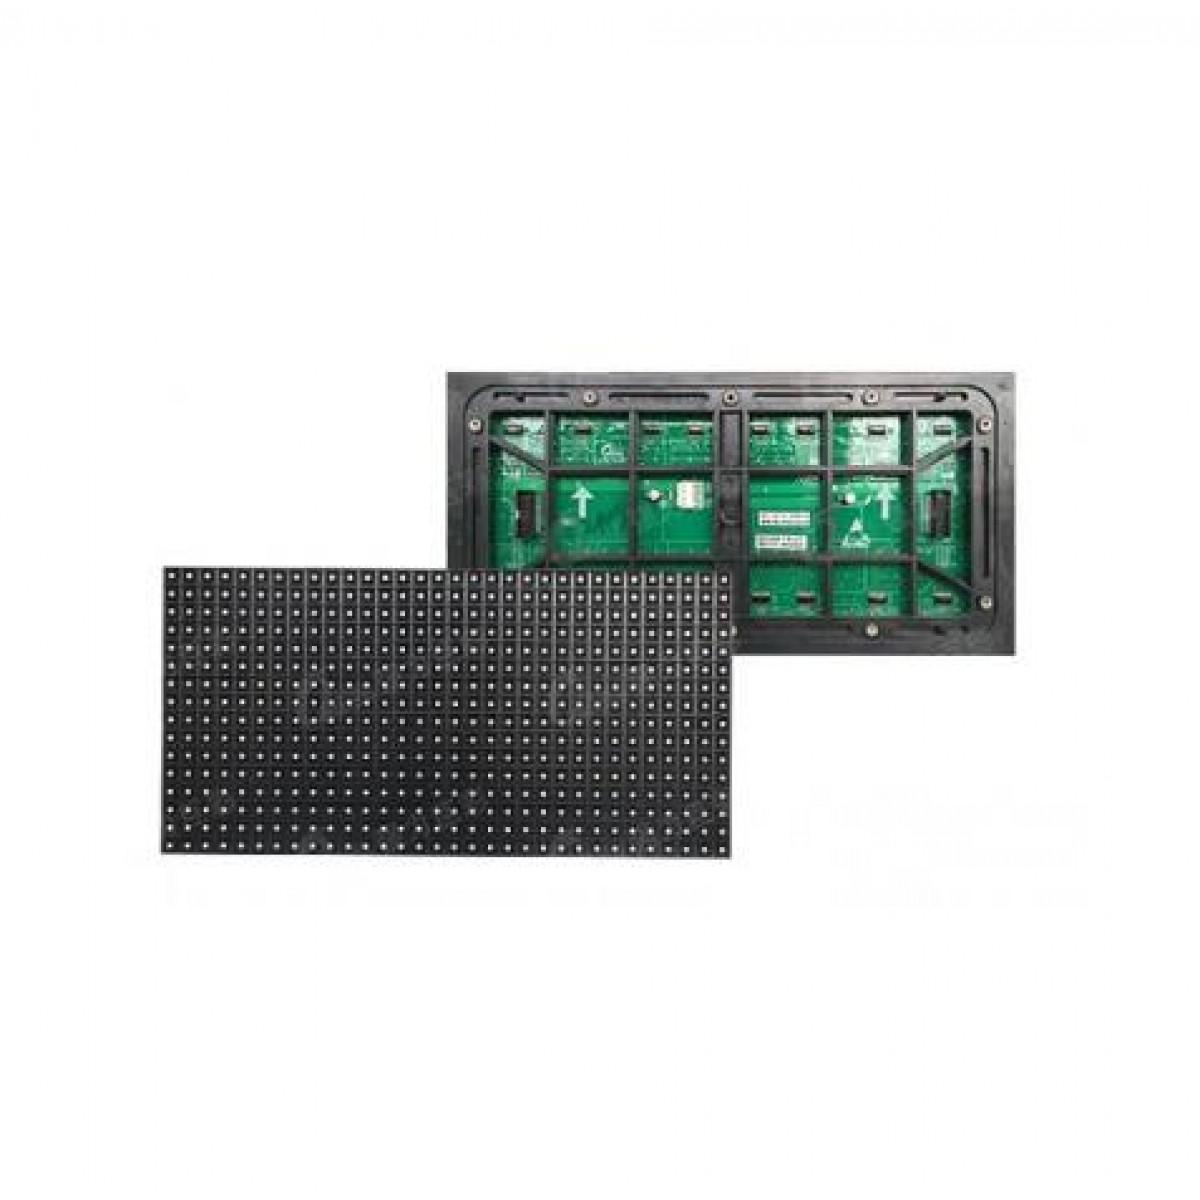 户外直插P10单红单板分辨率32*16单板尺寸320*160扫描方式1/4